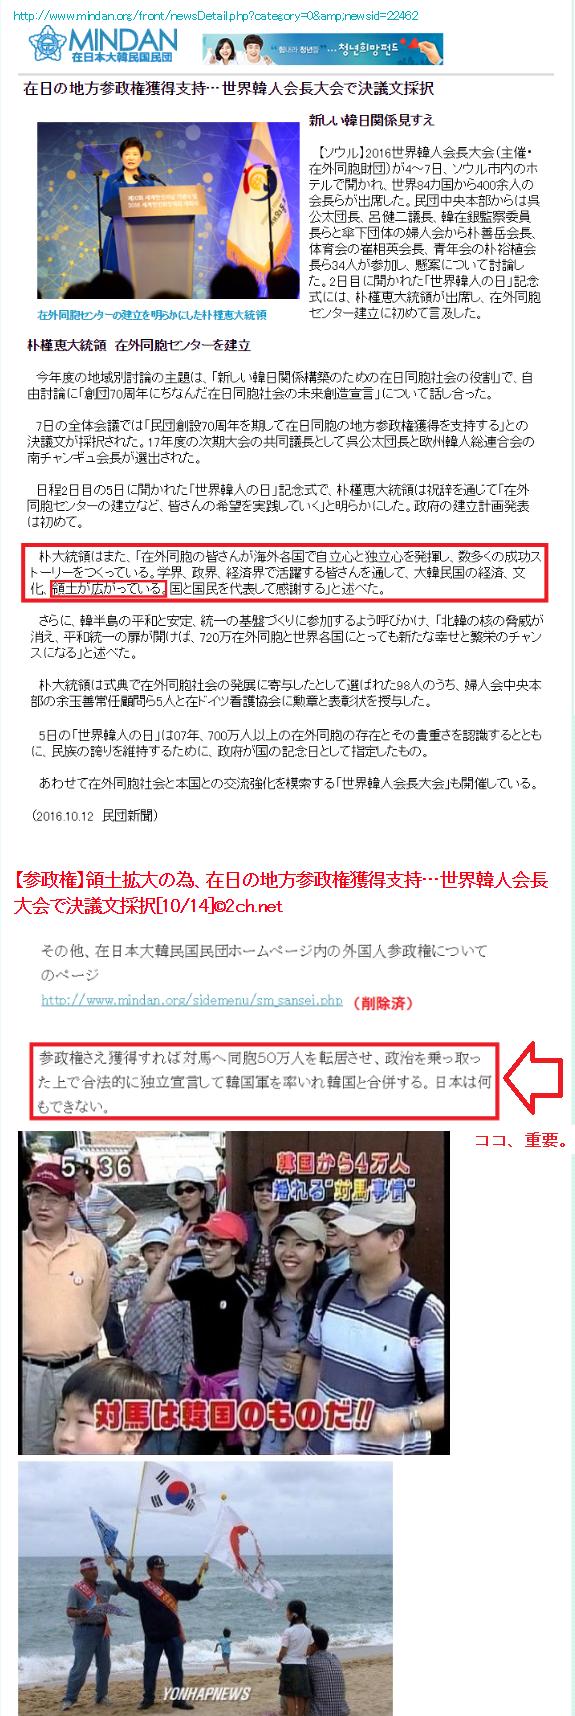 在日朝鮮人が企む「日本乗っ取り」3